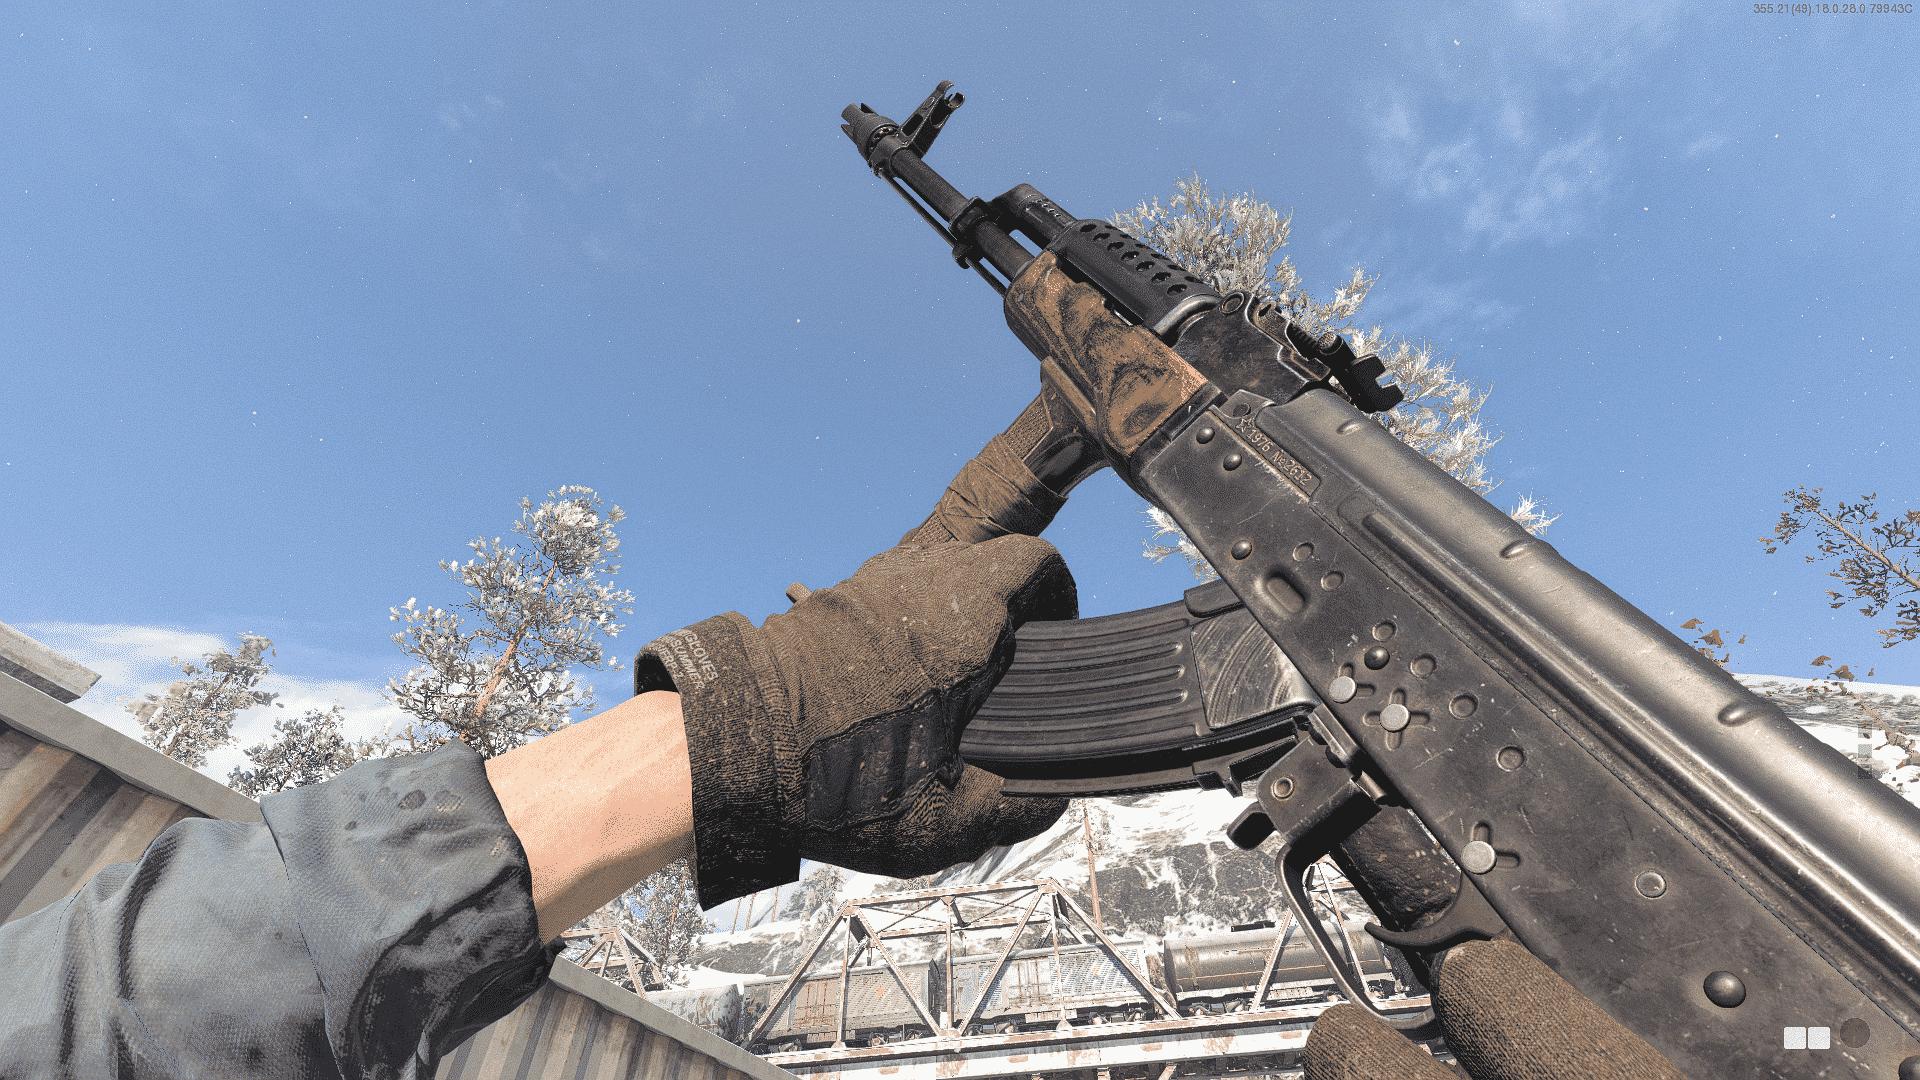 Carga del AK-47 de la Guerra Fría de Black Ops